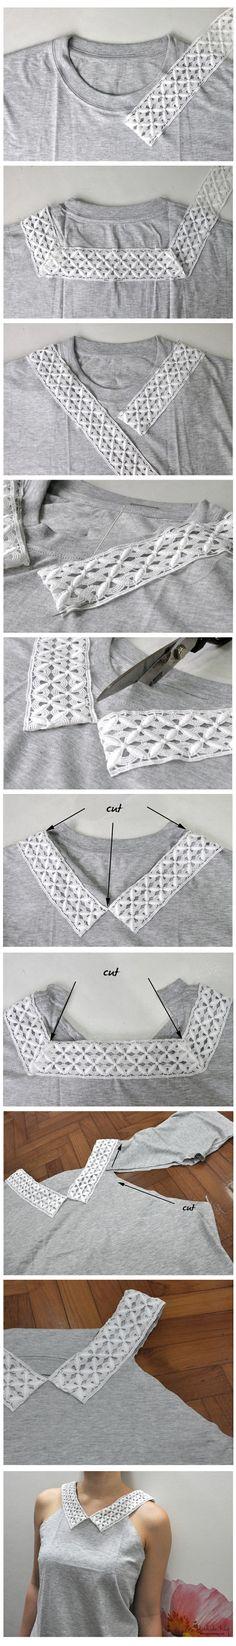 T-Shirt re-do